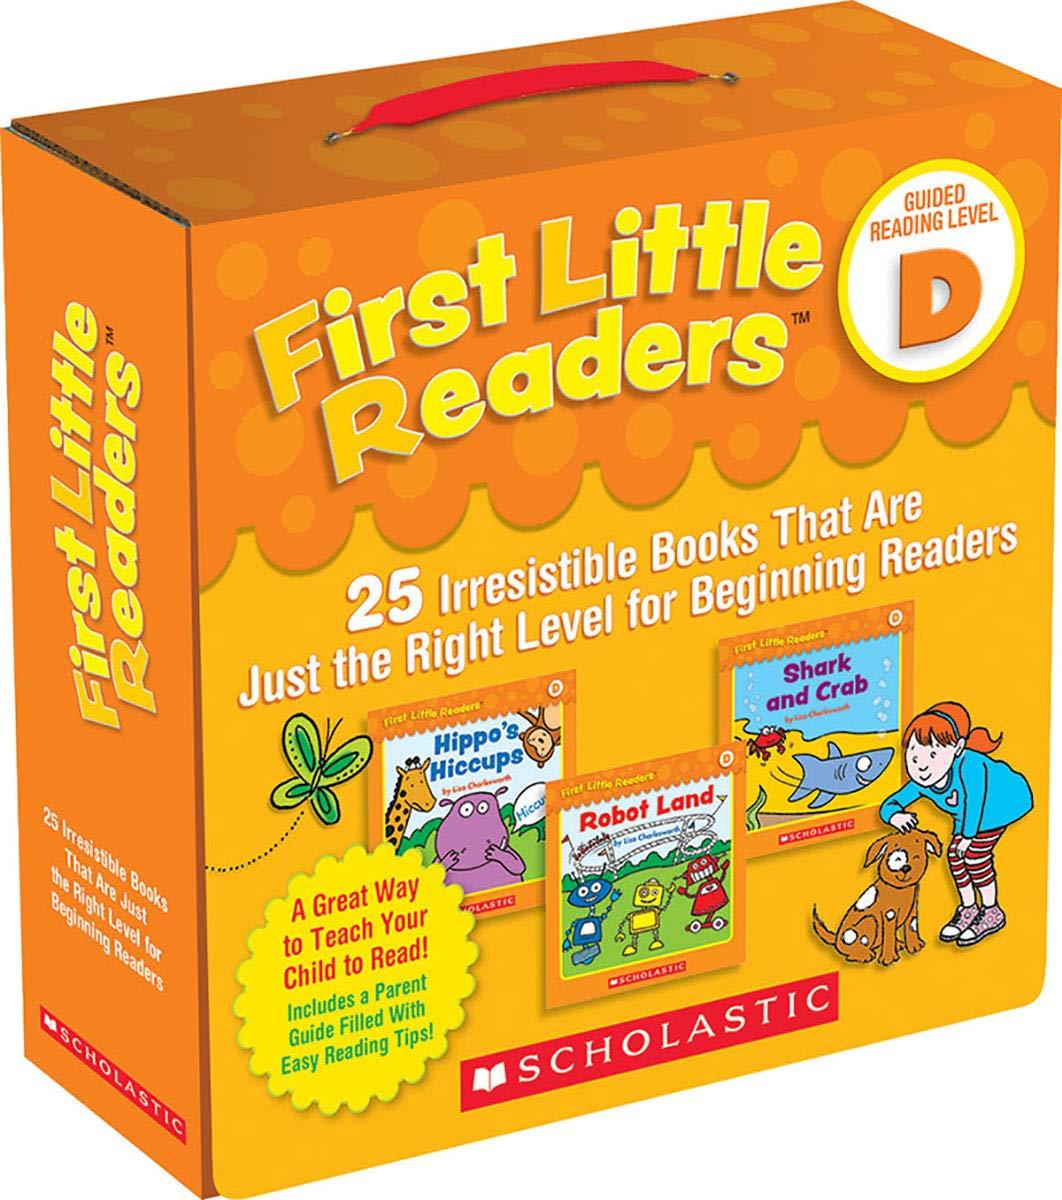 First Little Readers D